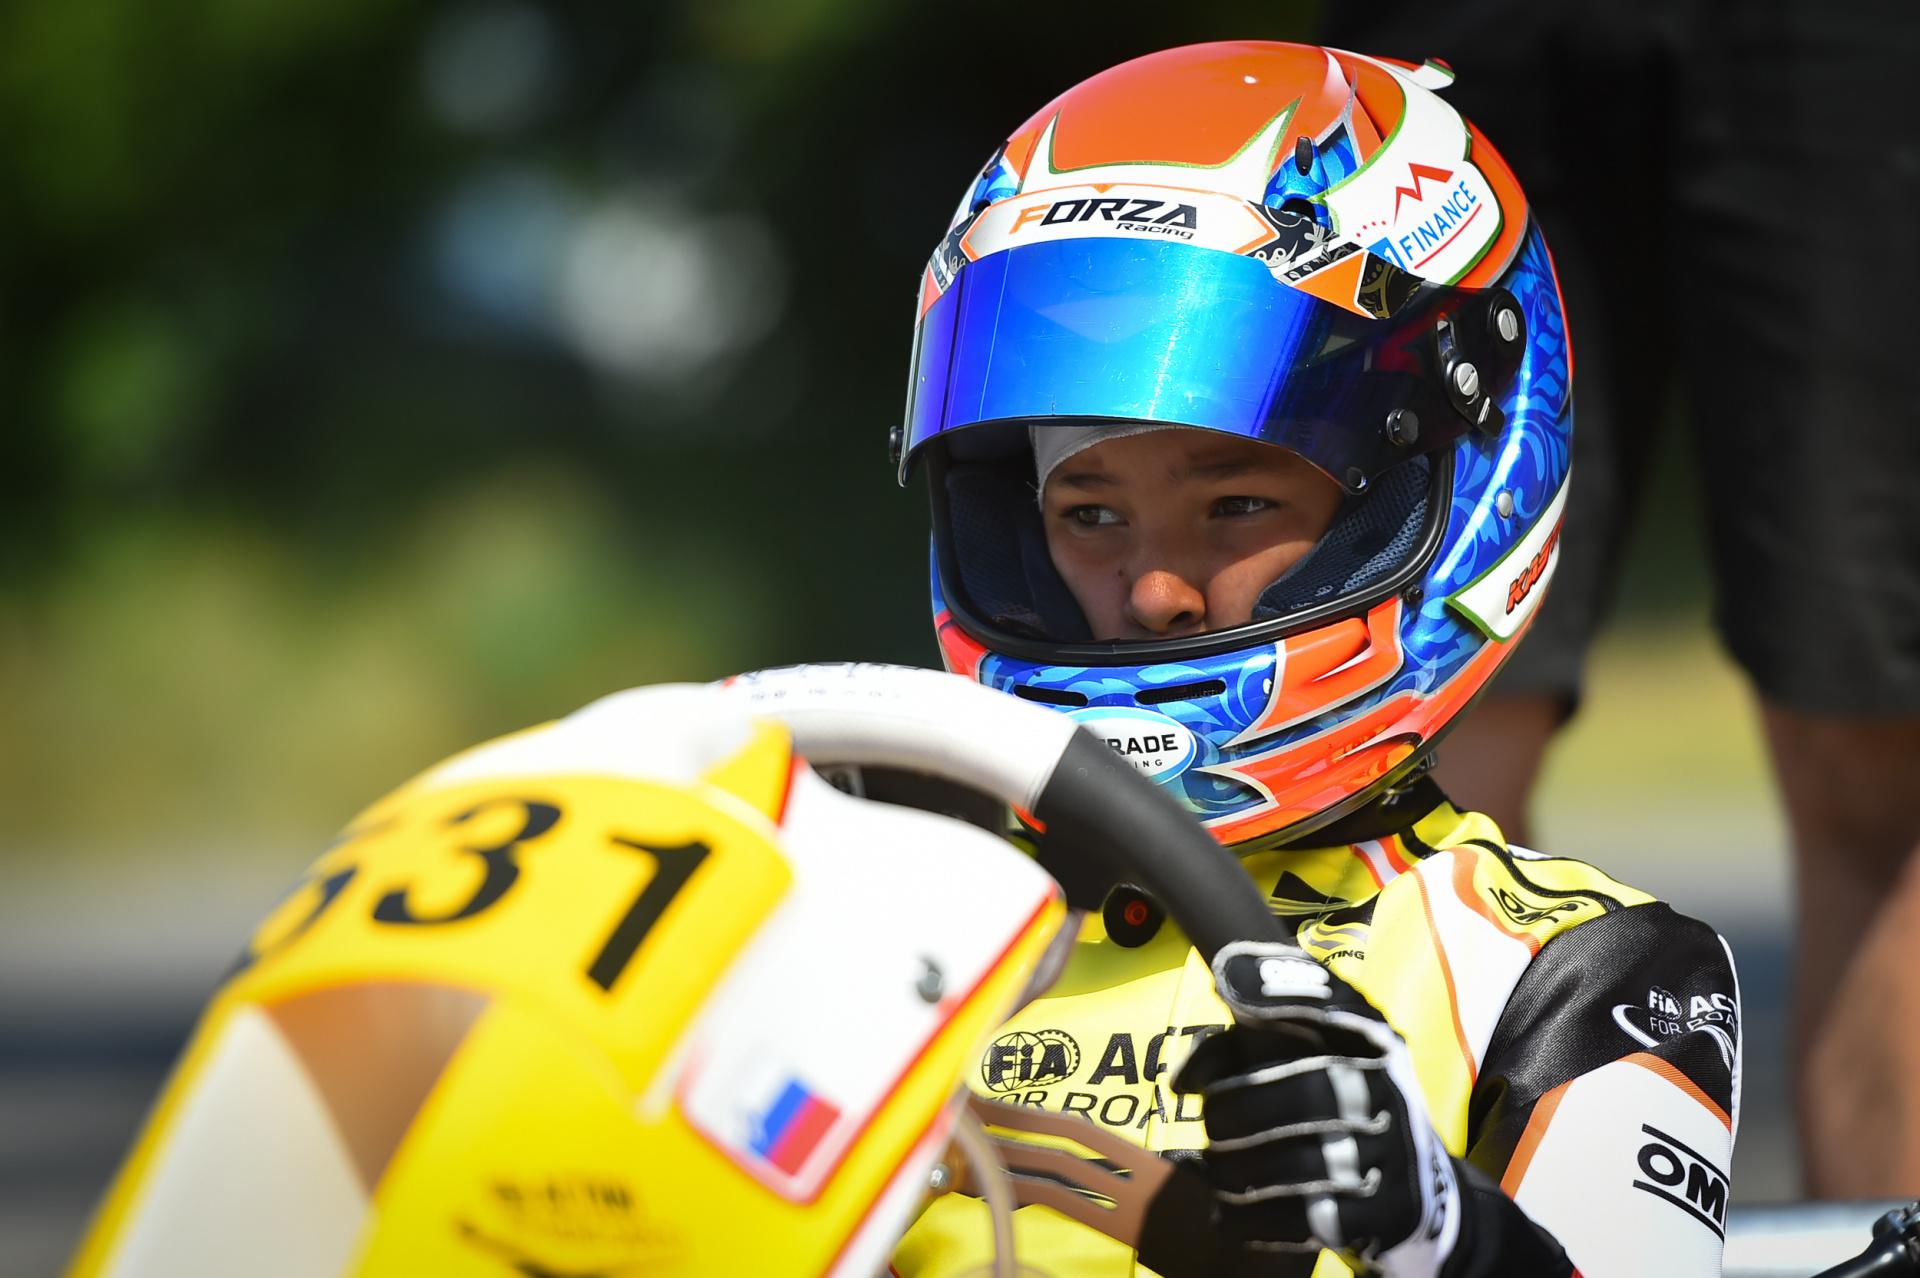 Mark Kastelic fights at Wackersdorf circuit